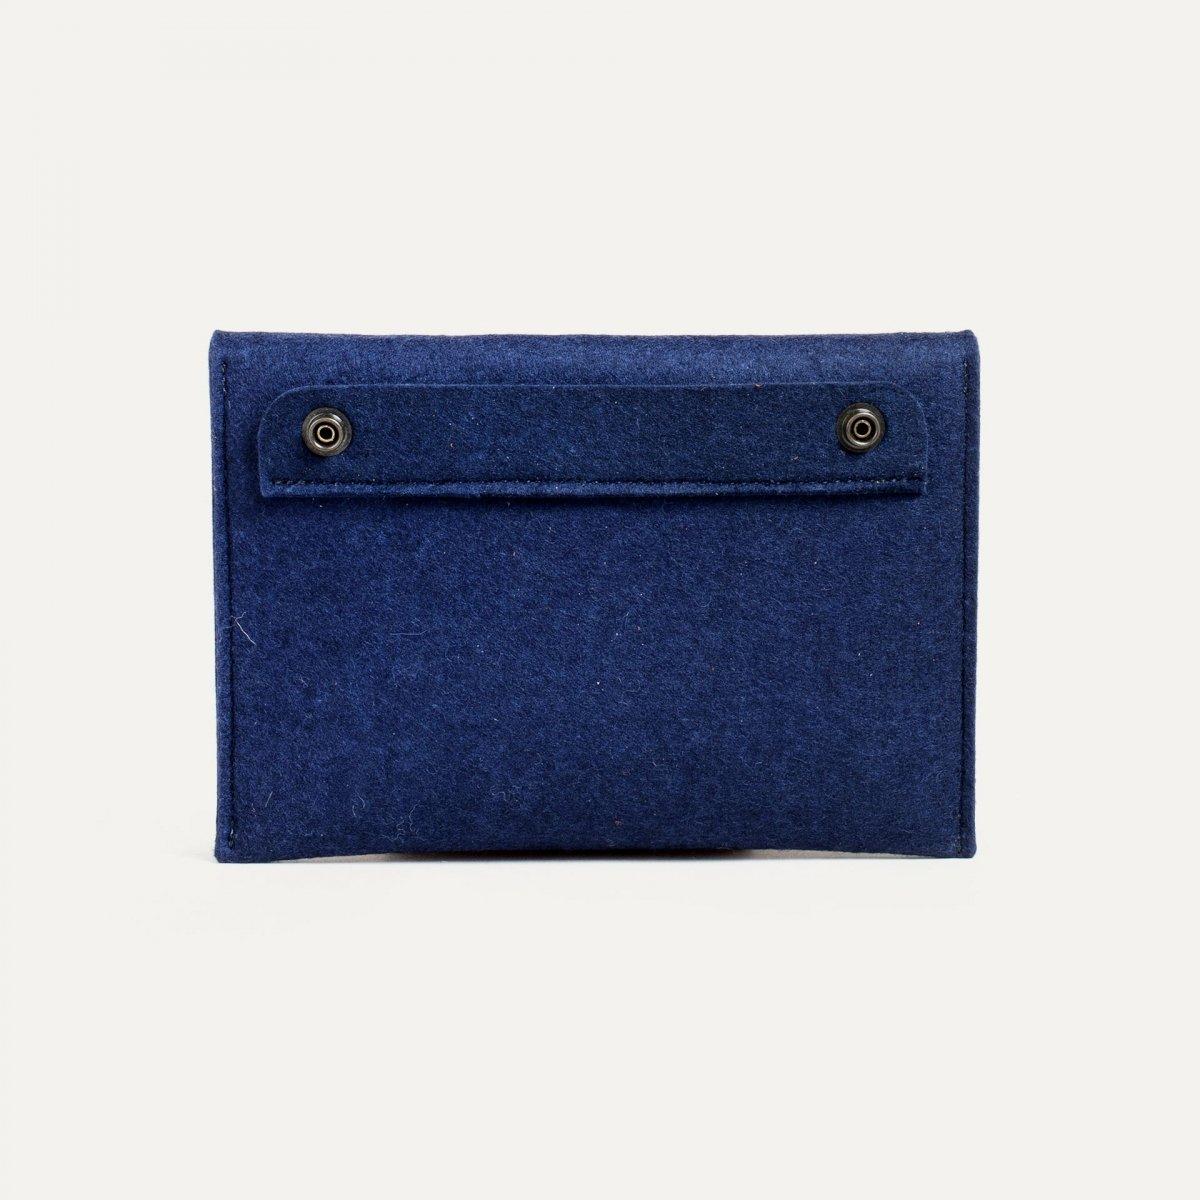 Mirco Sleeve - Blue Felt (image n°2)